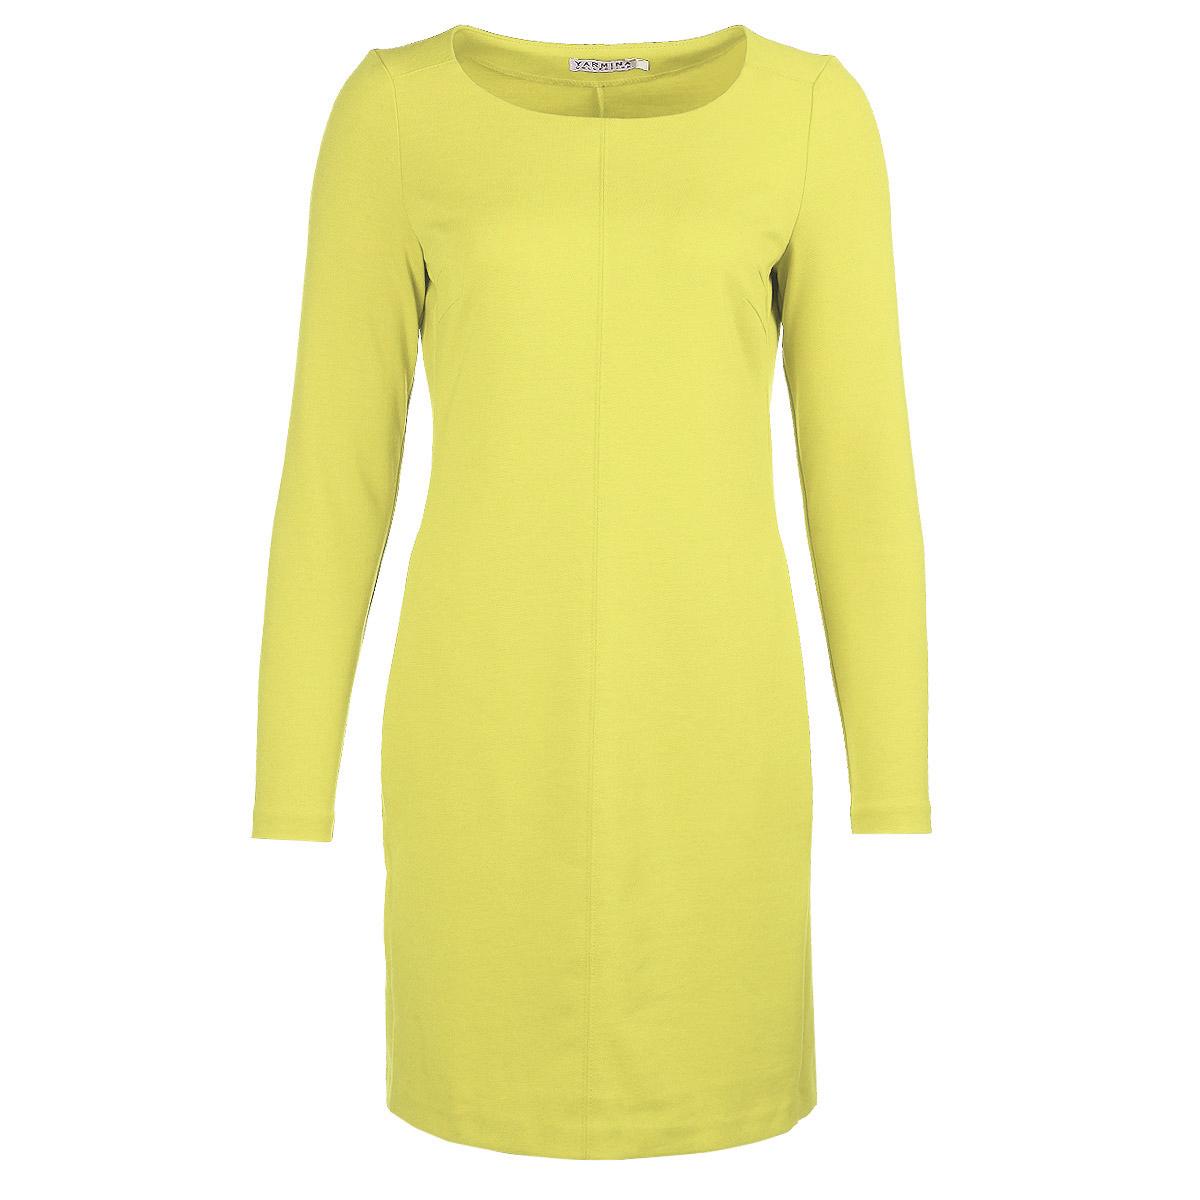 Платье Yarmina, цвет: желтый. Y0237-0010 new. Размер 50Y0237-0010 newЭлегантное платье Yarmina изготовлено из высококачественного материала. Такое платье обеспечит вам комфорт и удобство при носке.Платье с длинными рукавами и круглым вырезом горловины понравится любой ценительнице классического стиля и современных форм. Платье оформлено декоративными вытачками на груди, и дополнено двумя прорезными карманами. Приталенная модель с прямой юбкой великолепно подчеркнет достоинства вашей фигуры. Изысканное платье создаст обворожительный неповторимый образ.Это модное и удобное платье станет превосходным дополнением к вашему гардеробу, оно подарит вам удобство и поможет вам подчеркнуть свой вкус и неповторимый стиль.